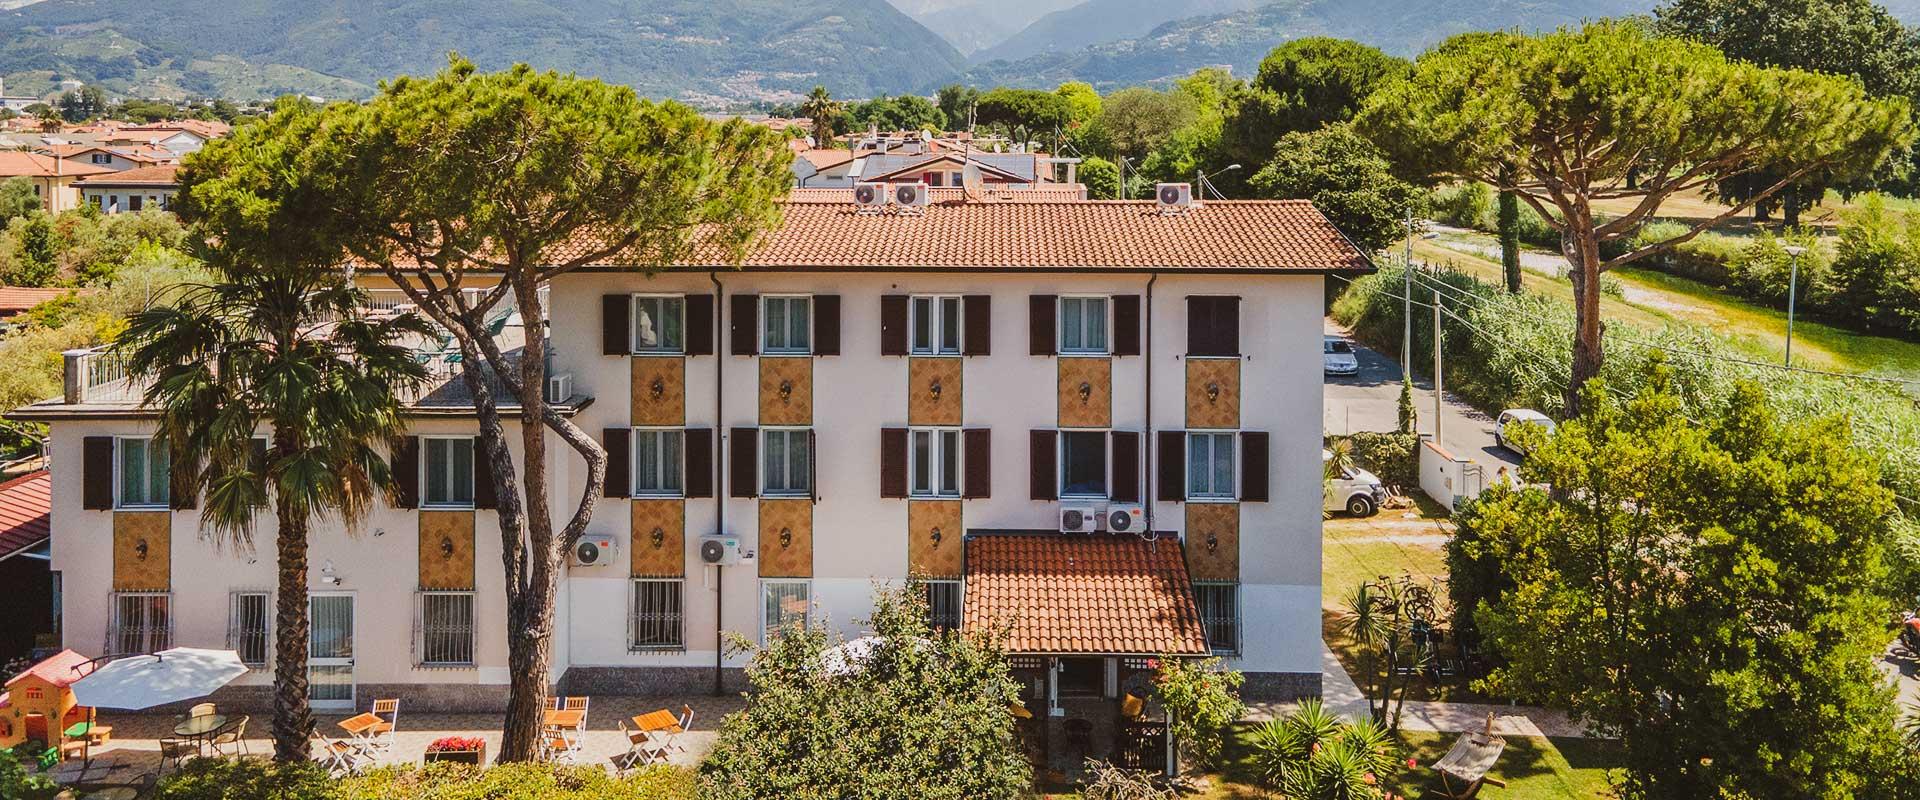 Hotel Villa Giada Marina di Massa, Toscana